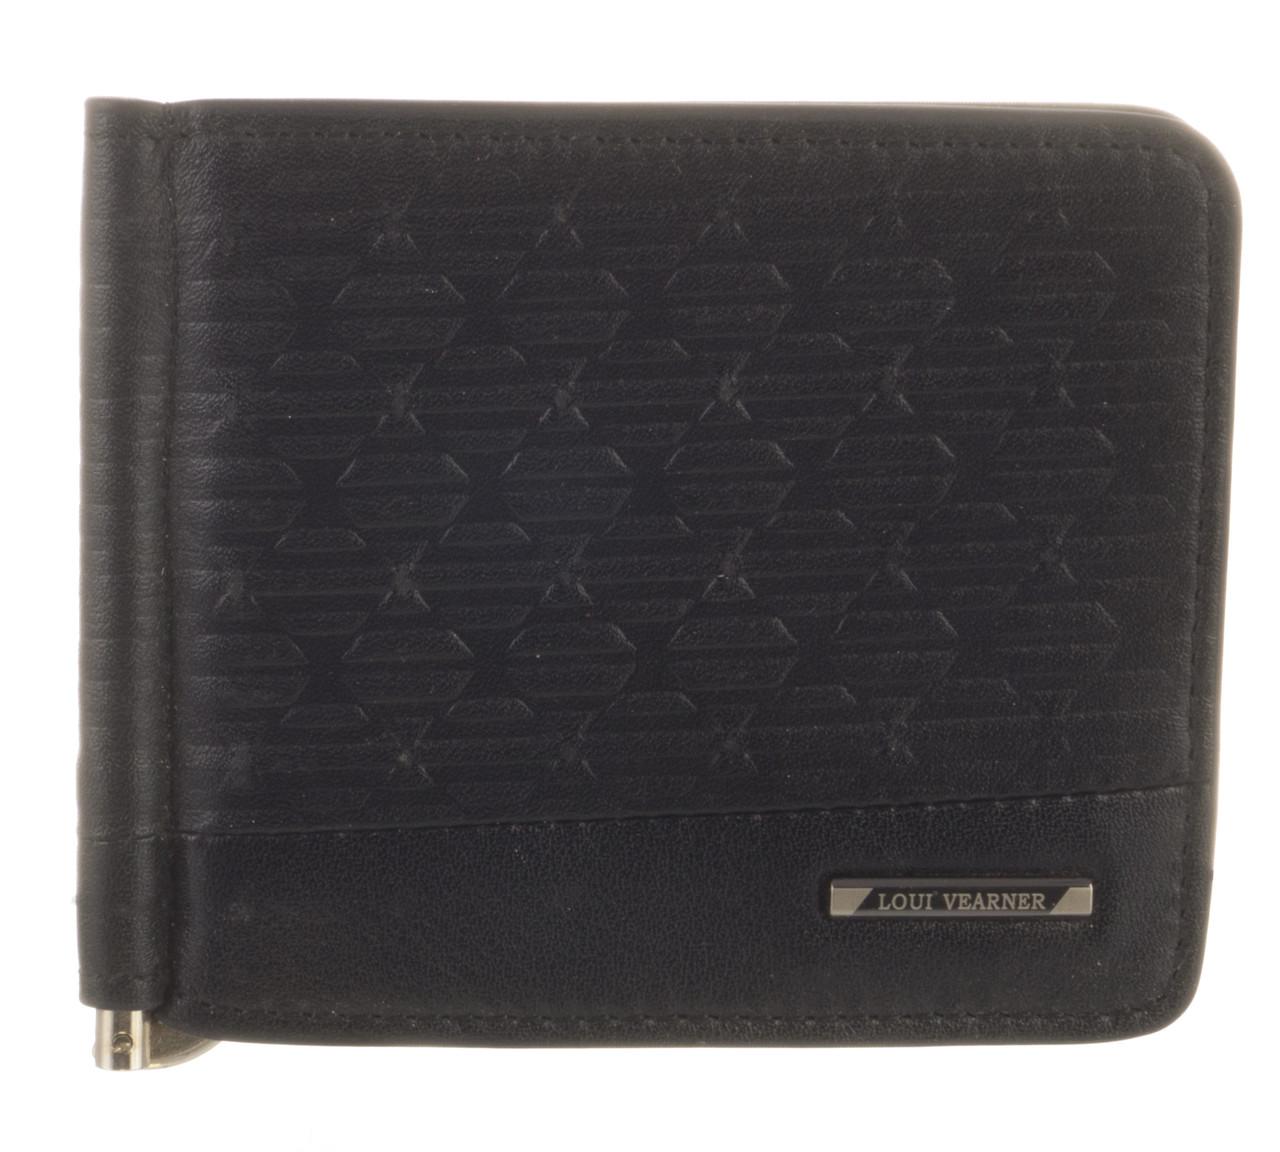 Элитный стильный прочный зажим для денег из натуральной качественной кожи LOUI VEARNER art. LOU82-613A черный